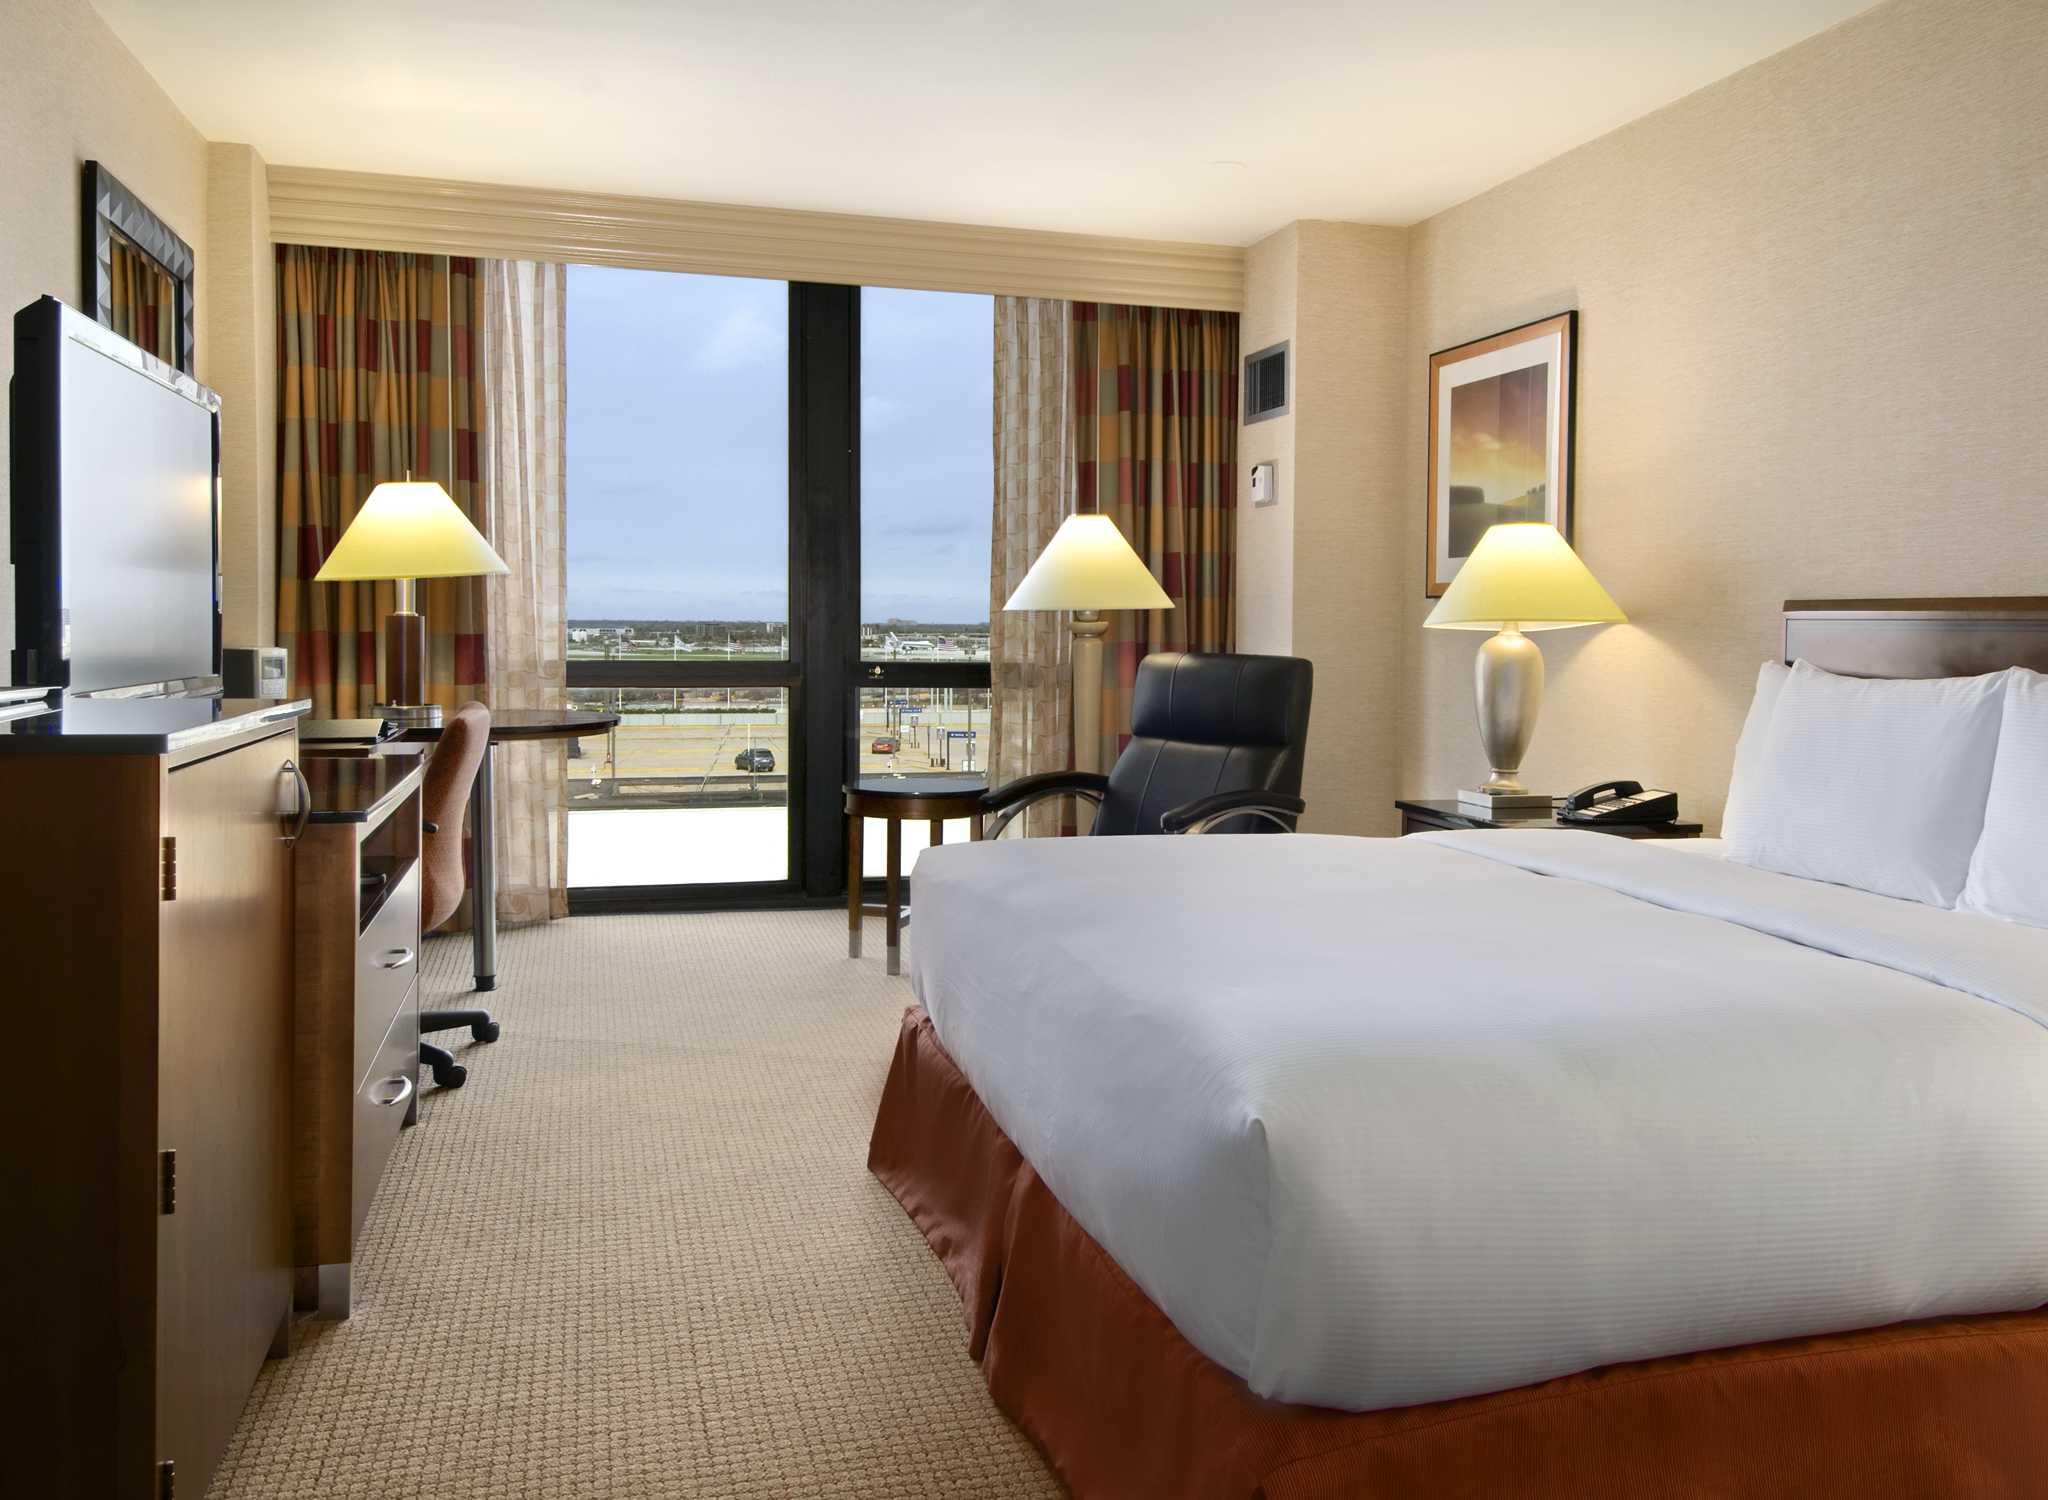 Hoteles en usa california nueva york miami hilton for Hoteles en chicago